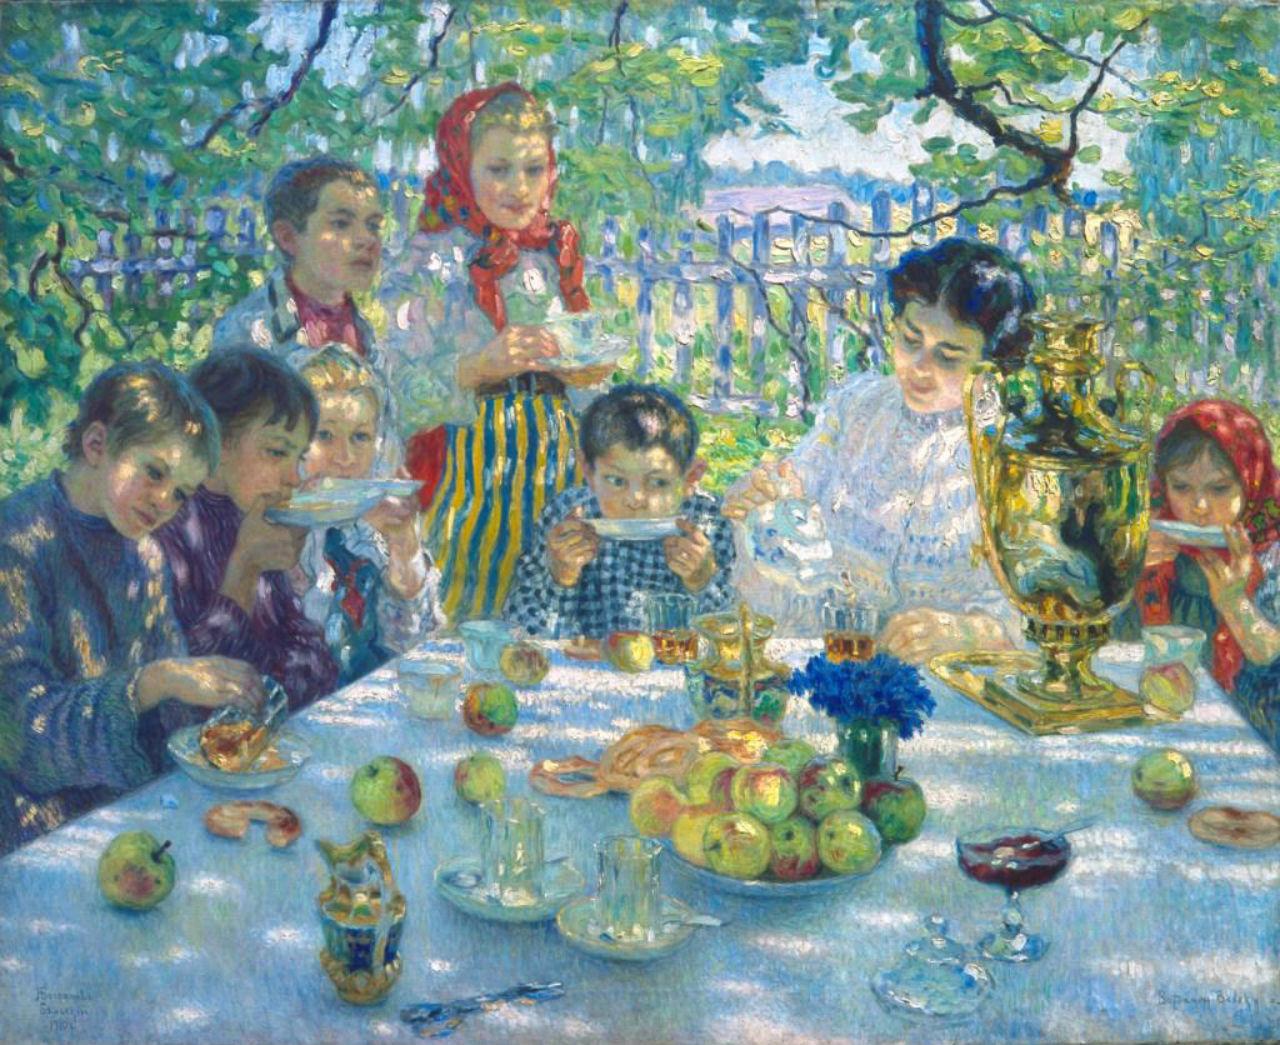 3-Николай Богданов-Бельский - Чаепитие у учительницы - 1910.jpg